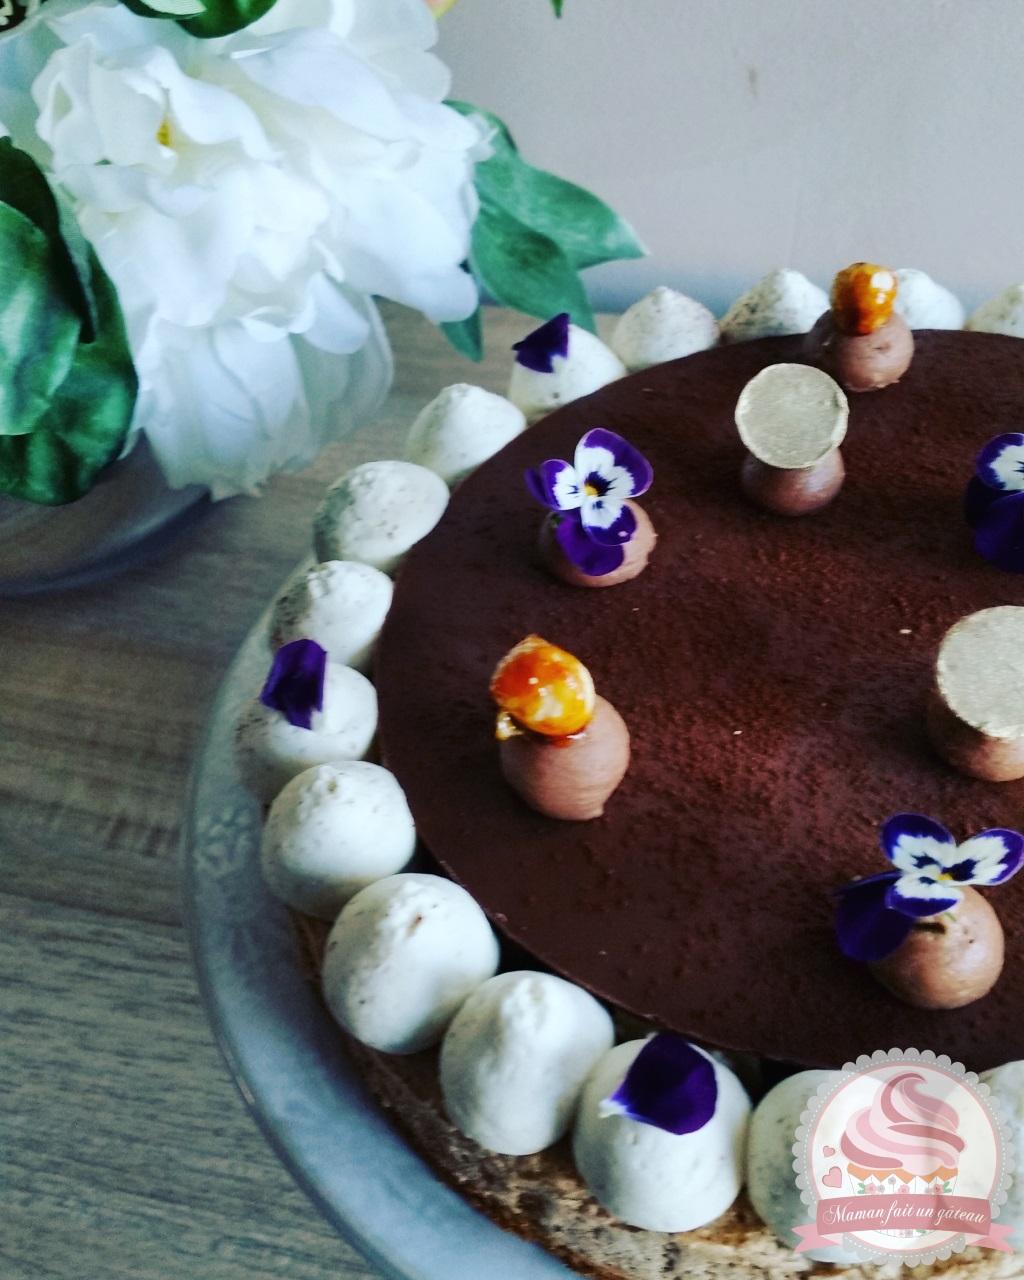 fantastik-chocolat-caramel-tonka-2